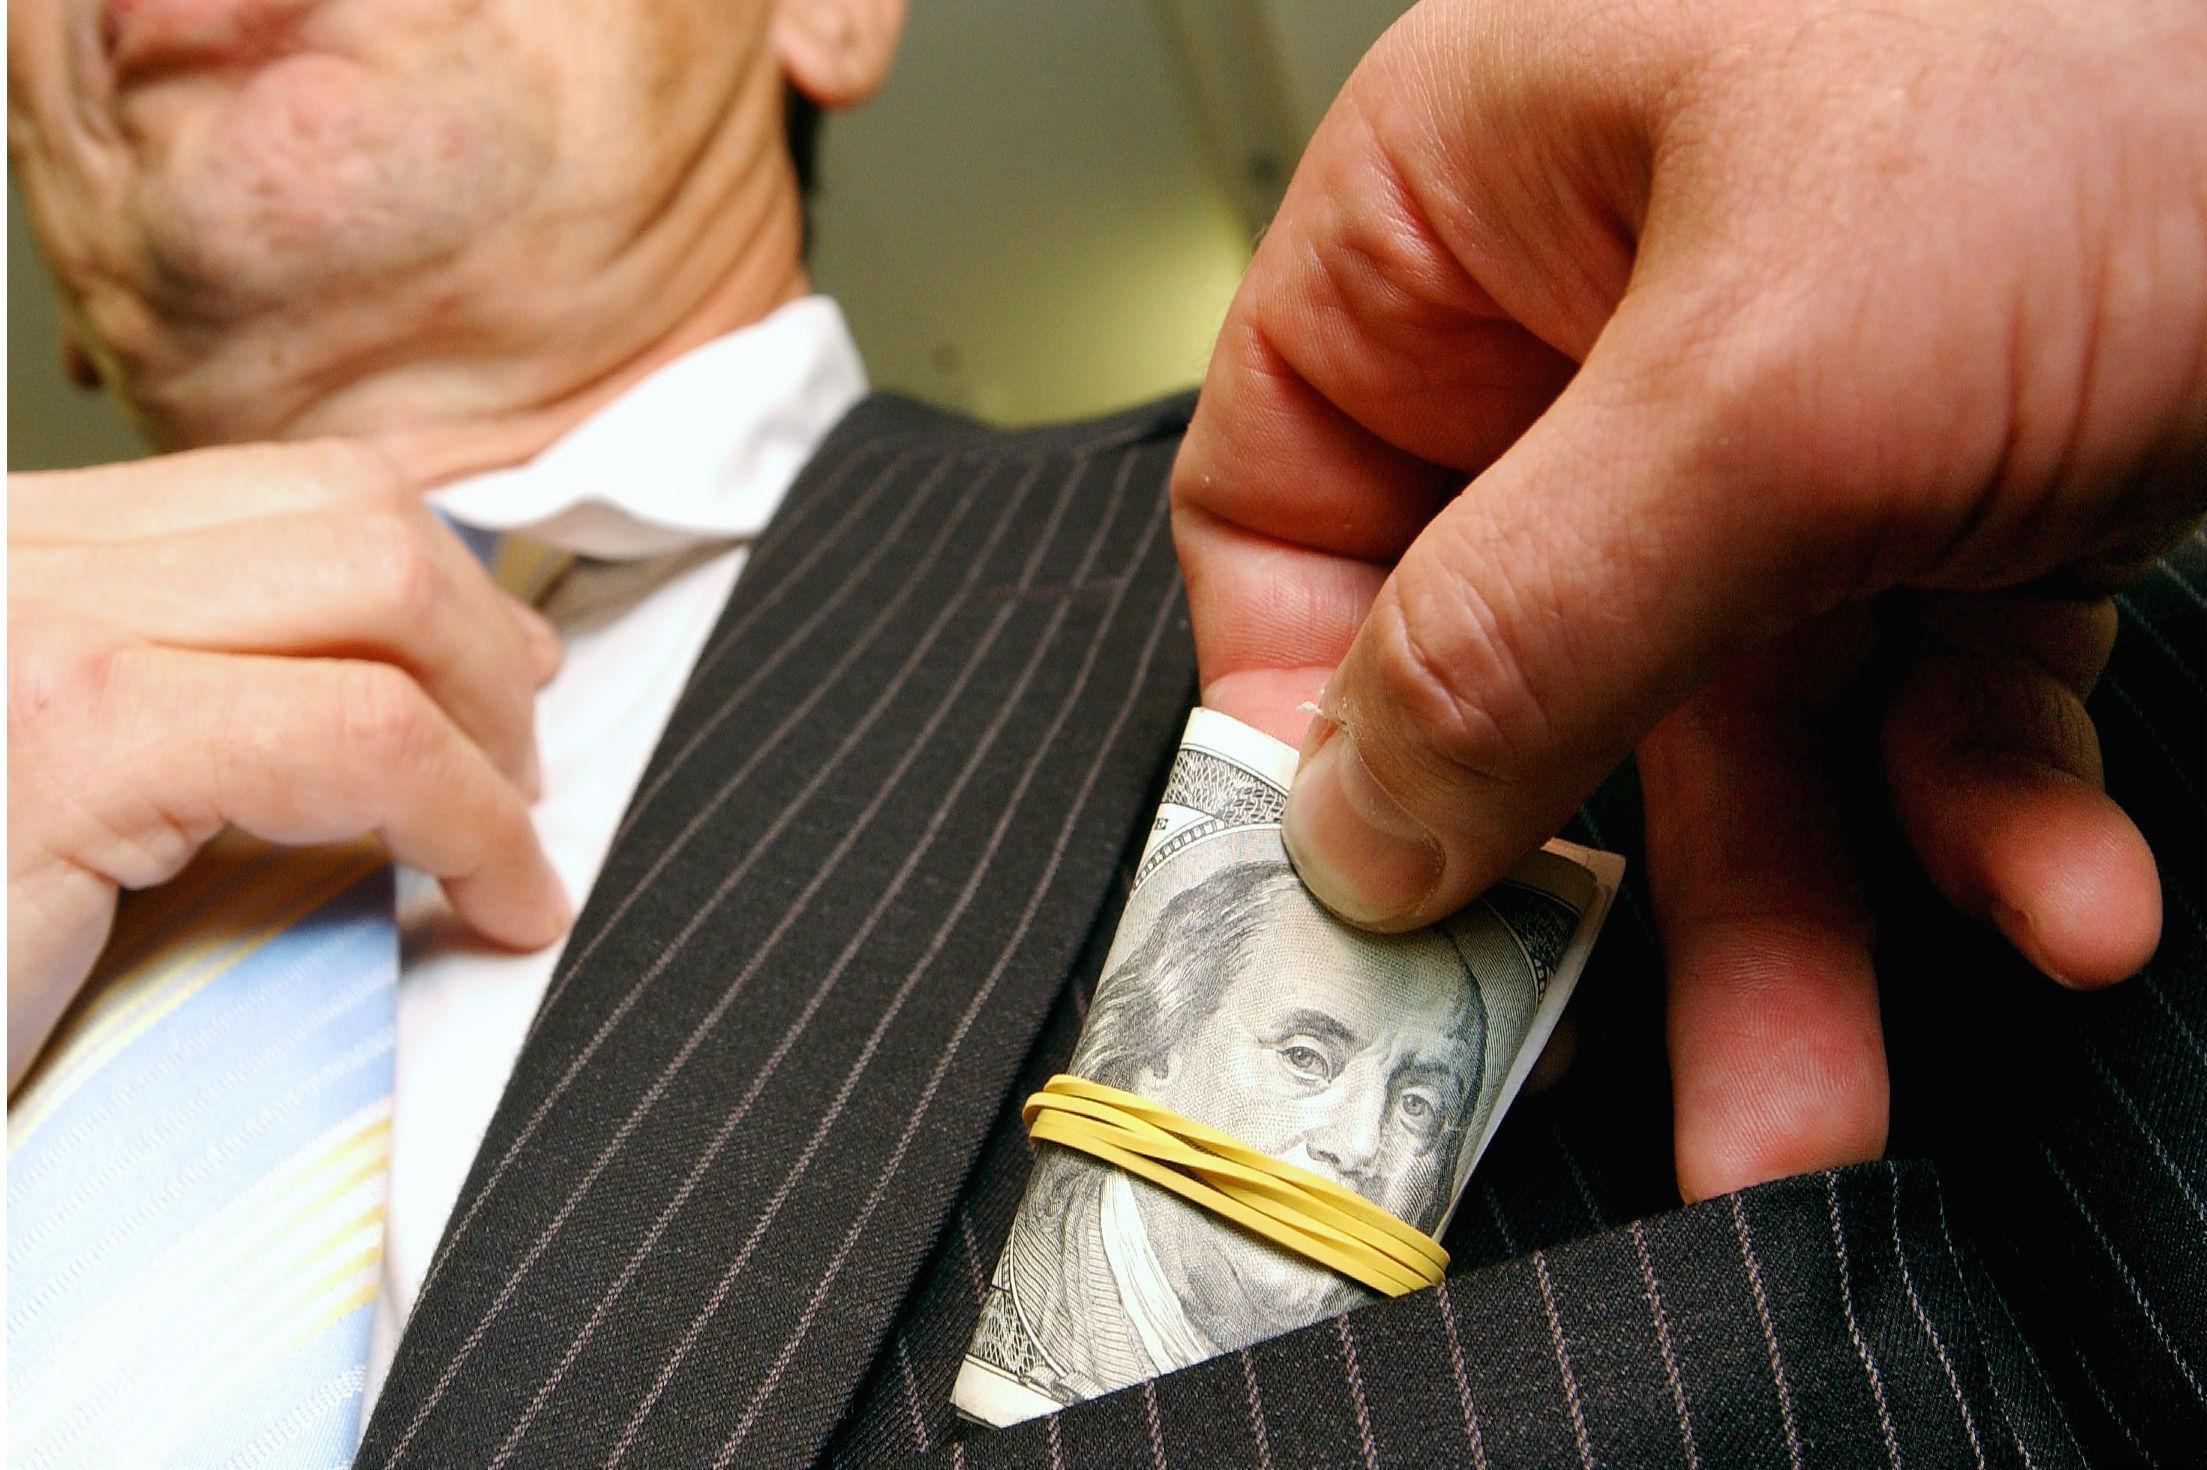 Полковника Захарченко задержали накануне по делу о получении взятки в 7 миллионов рублей. Фото ИТАР-ТАСС/ Эмиль Матвеев